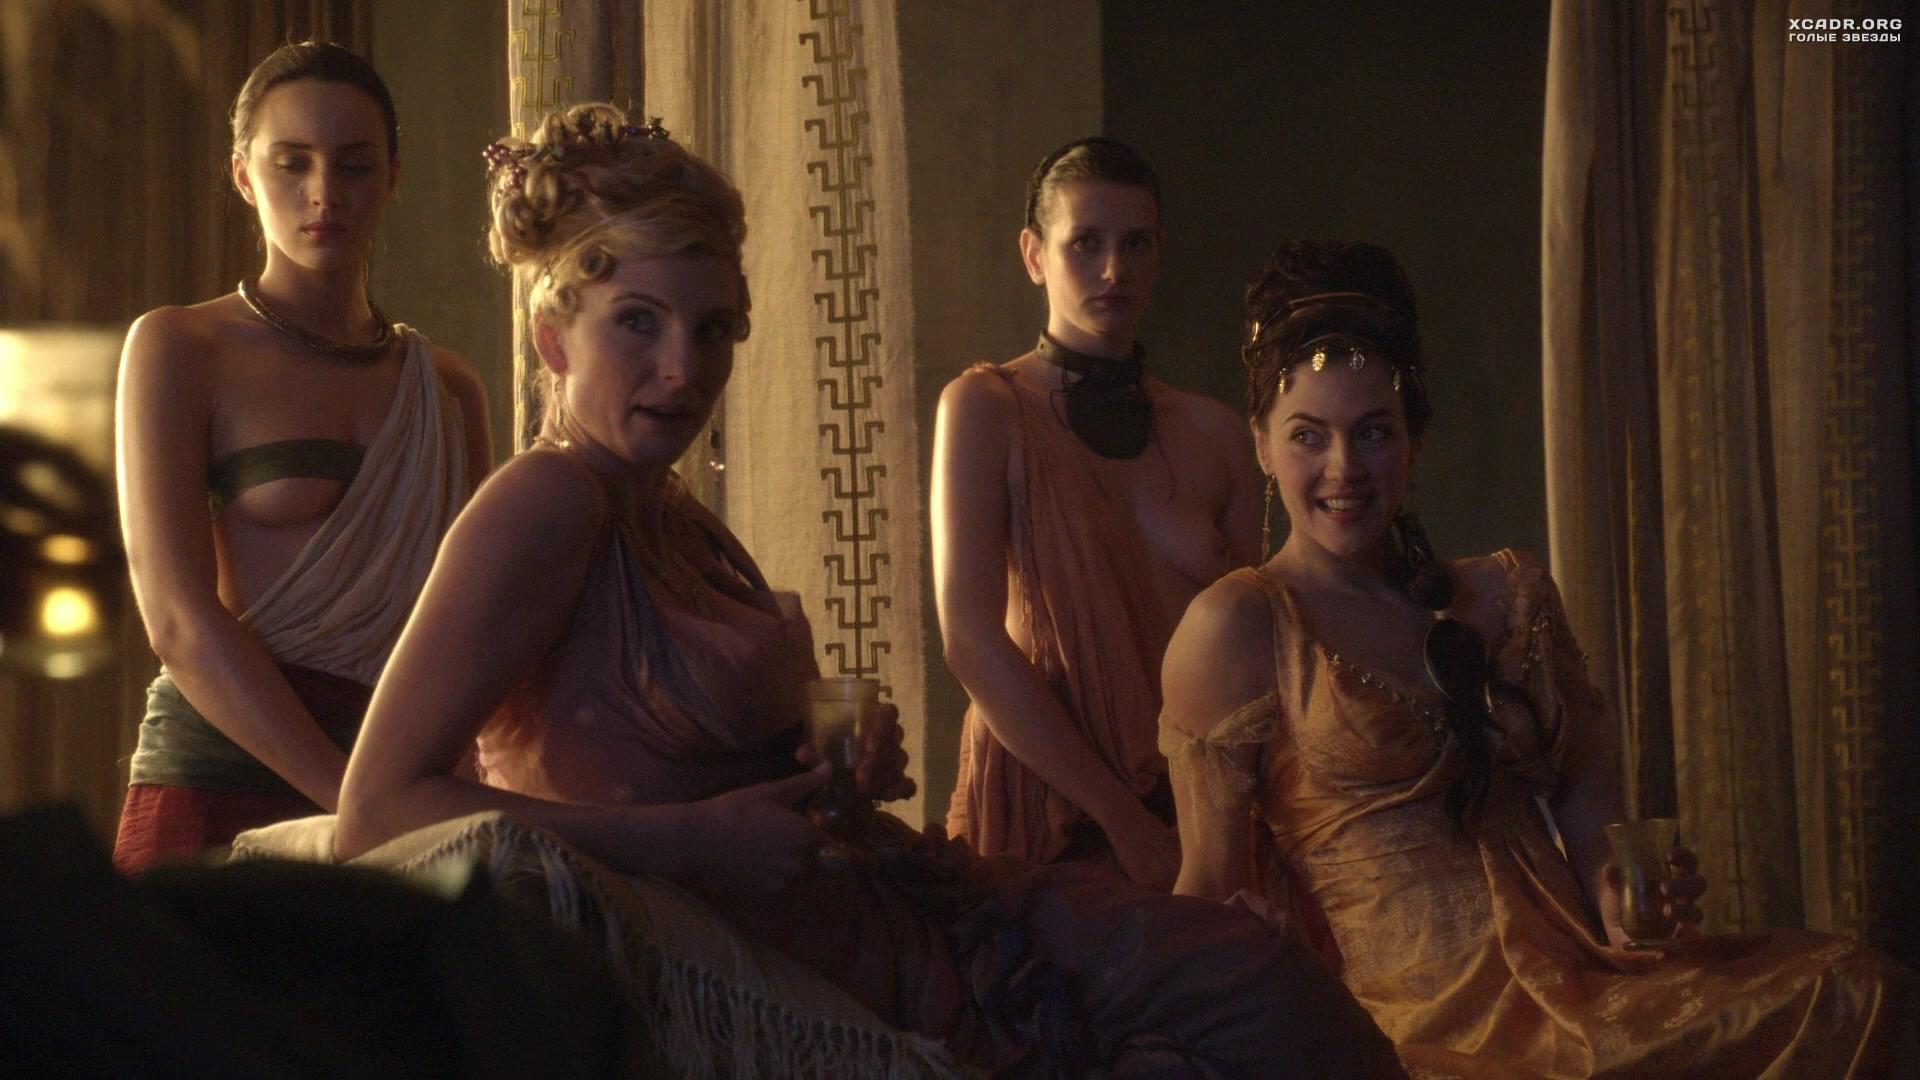 частные фрагмент фильма секс в древнем риме крайней мере